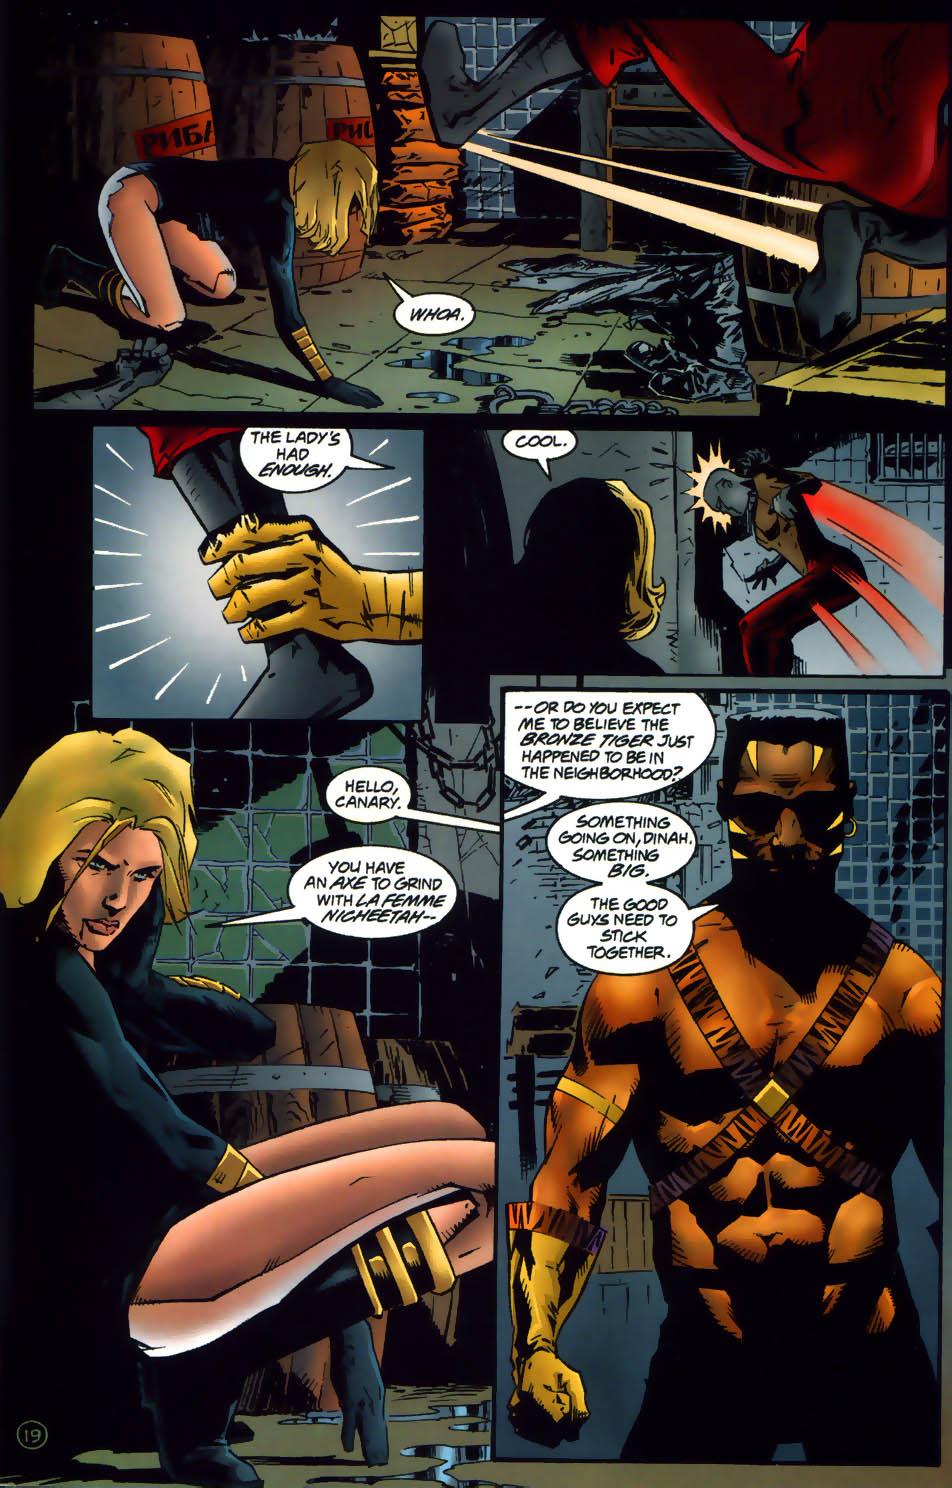 Detective Comics 723 pg19 BronzeTiger BlackCanary.jpg